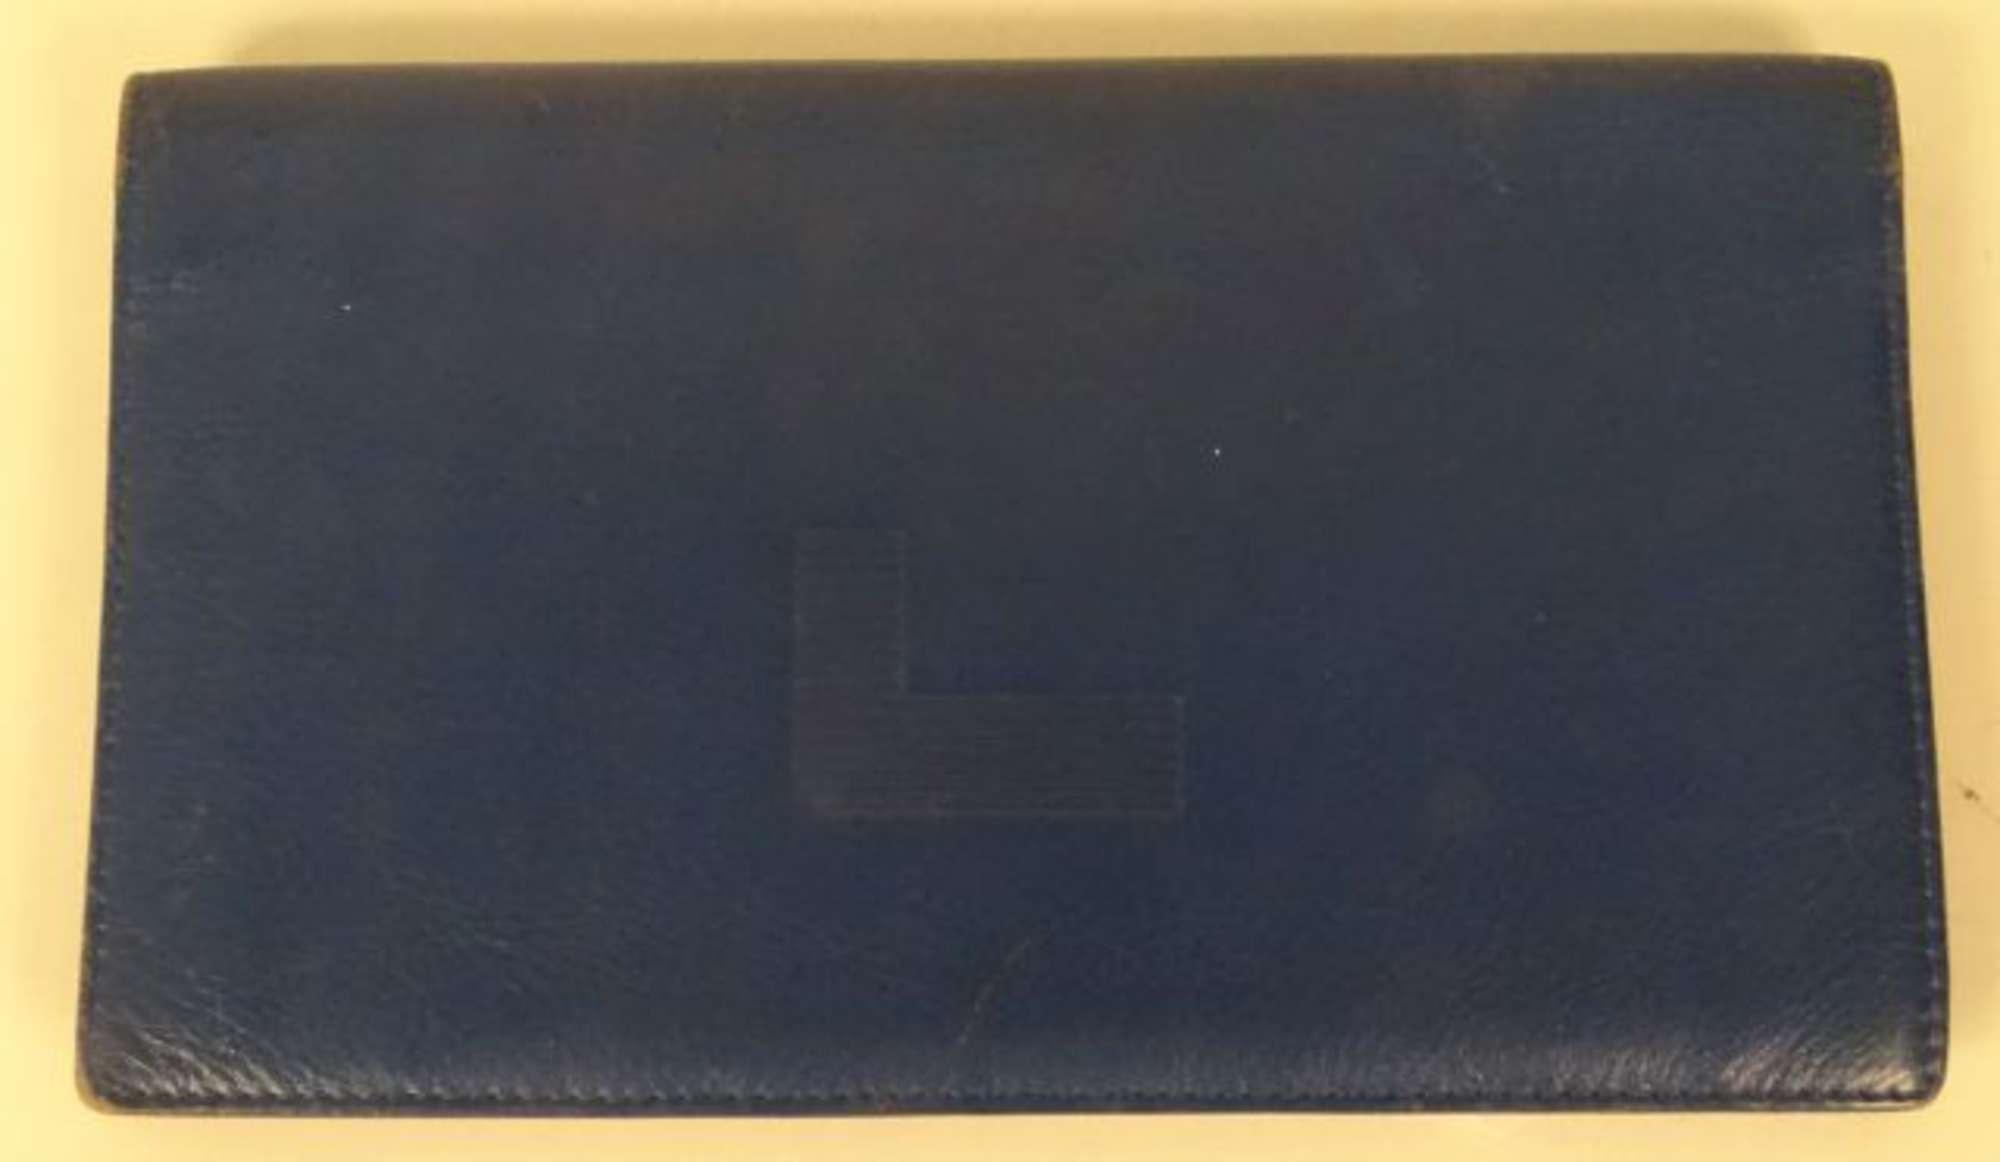 lancel portefeuille en cuir bleu roi sigl etat d 39 usage. Black Bedroom Furniture Sets. Home Design Ideas